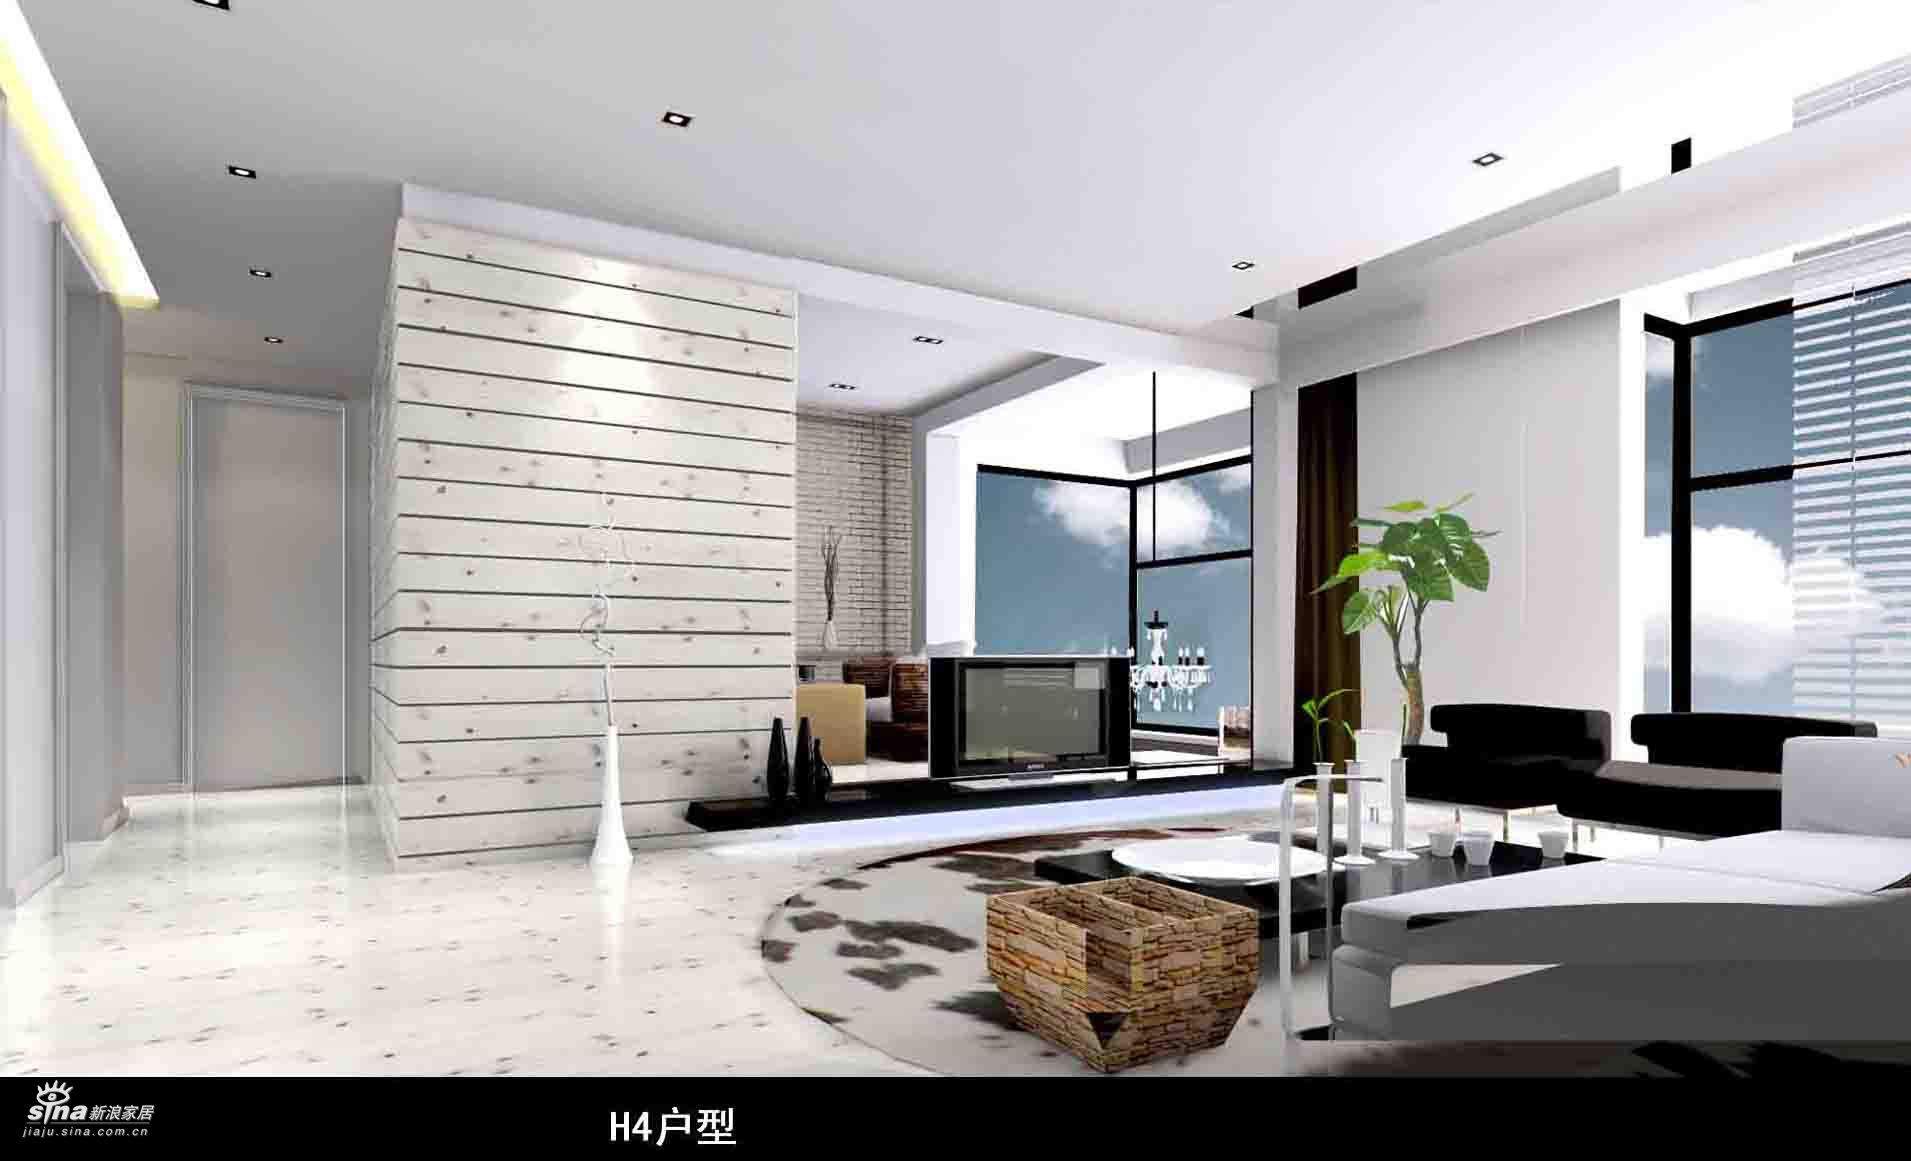 其他 二居 客厅图片来自用户2558746857在实创装饰都市风情60的分享